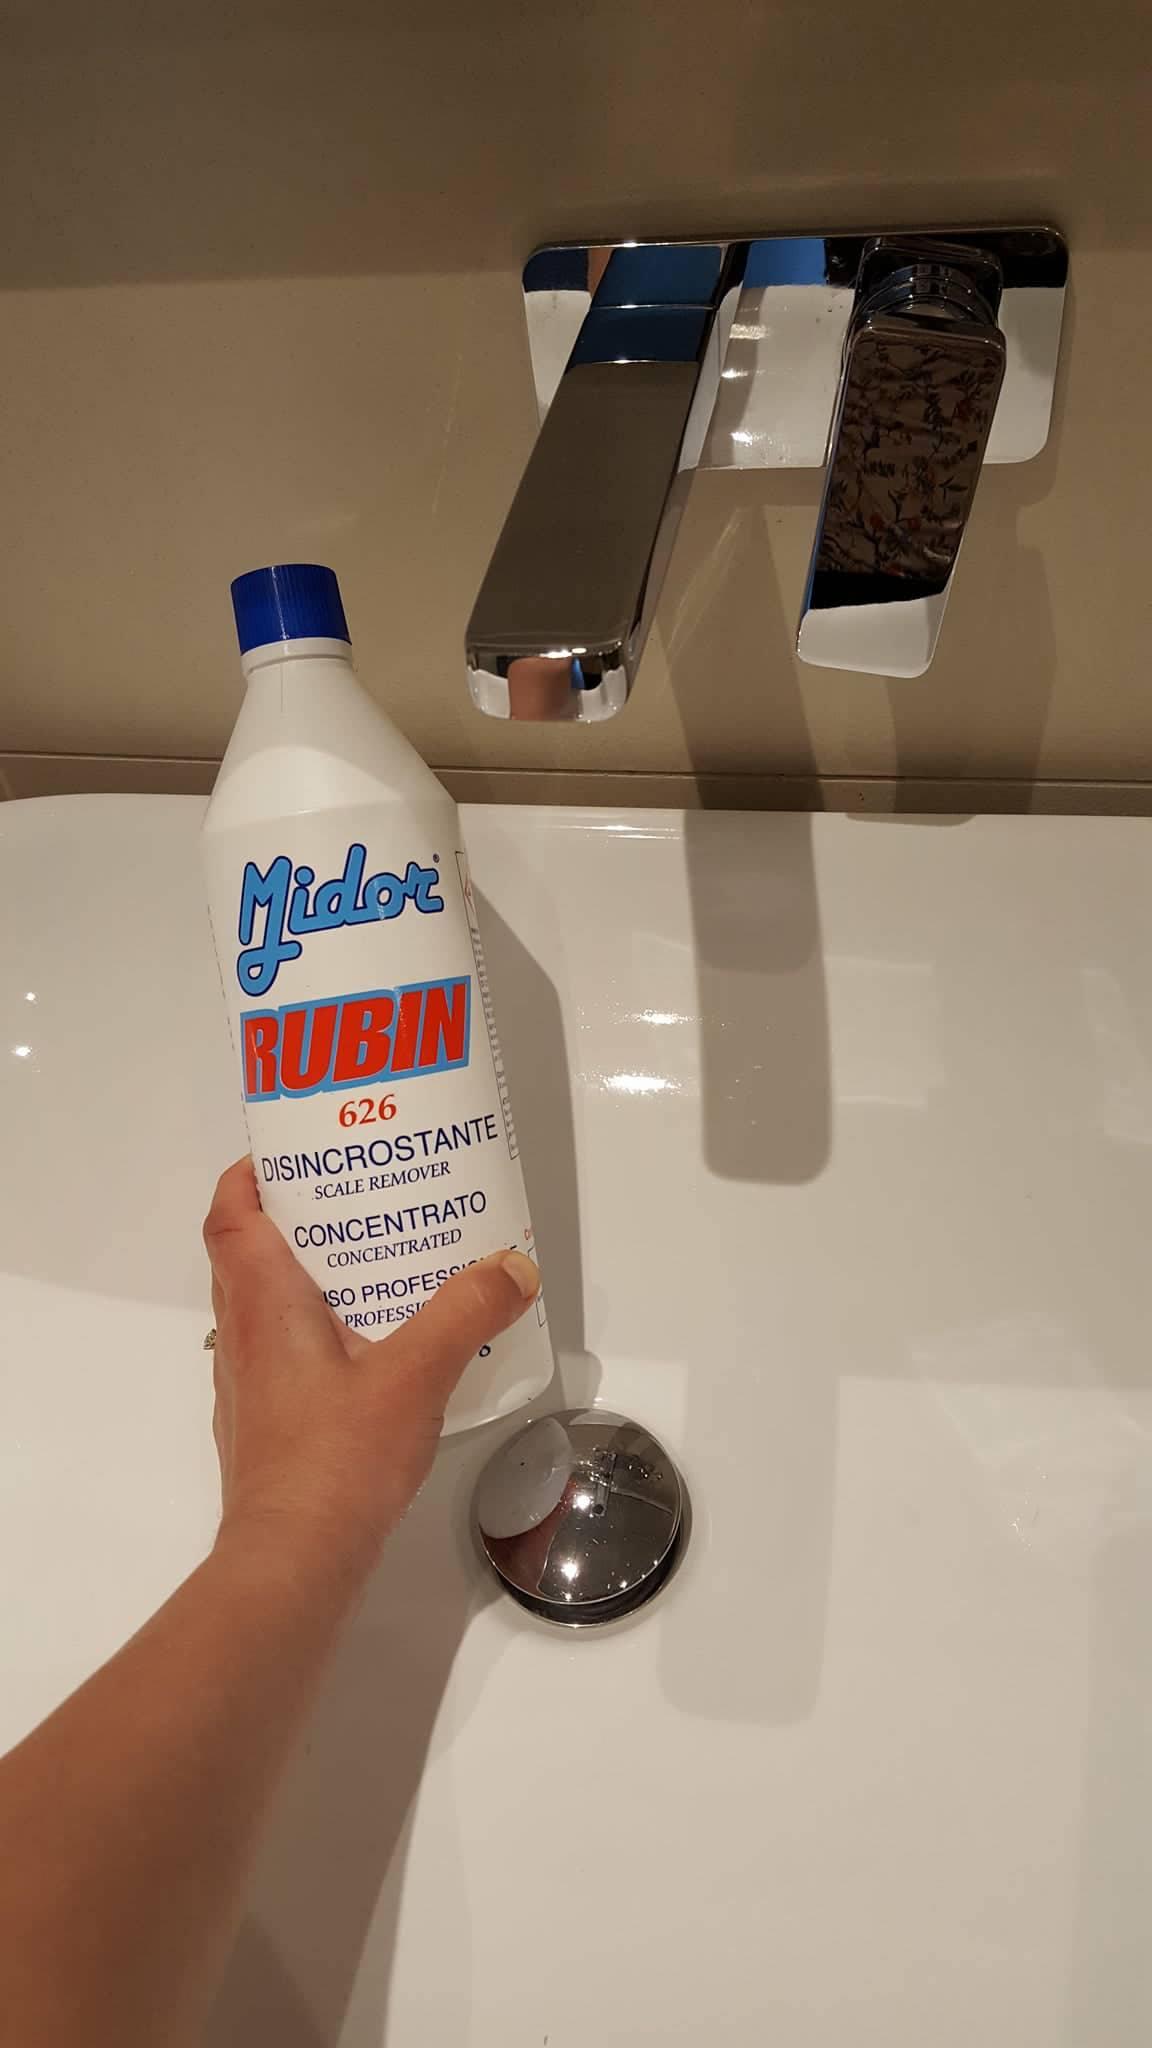 midor detergenti